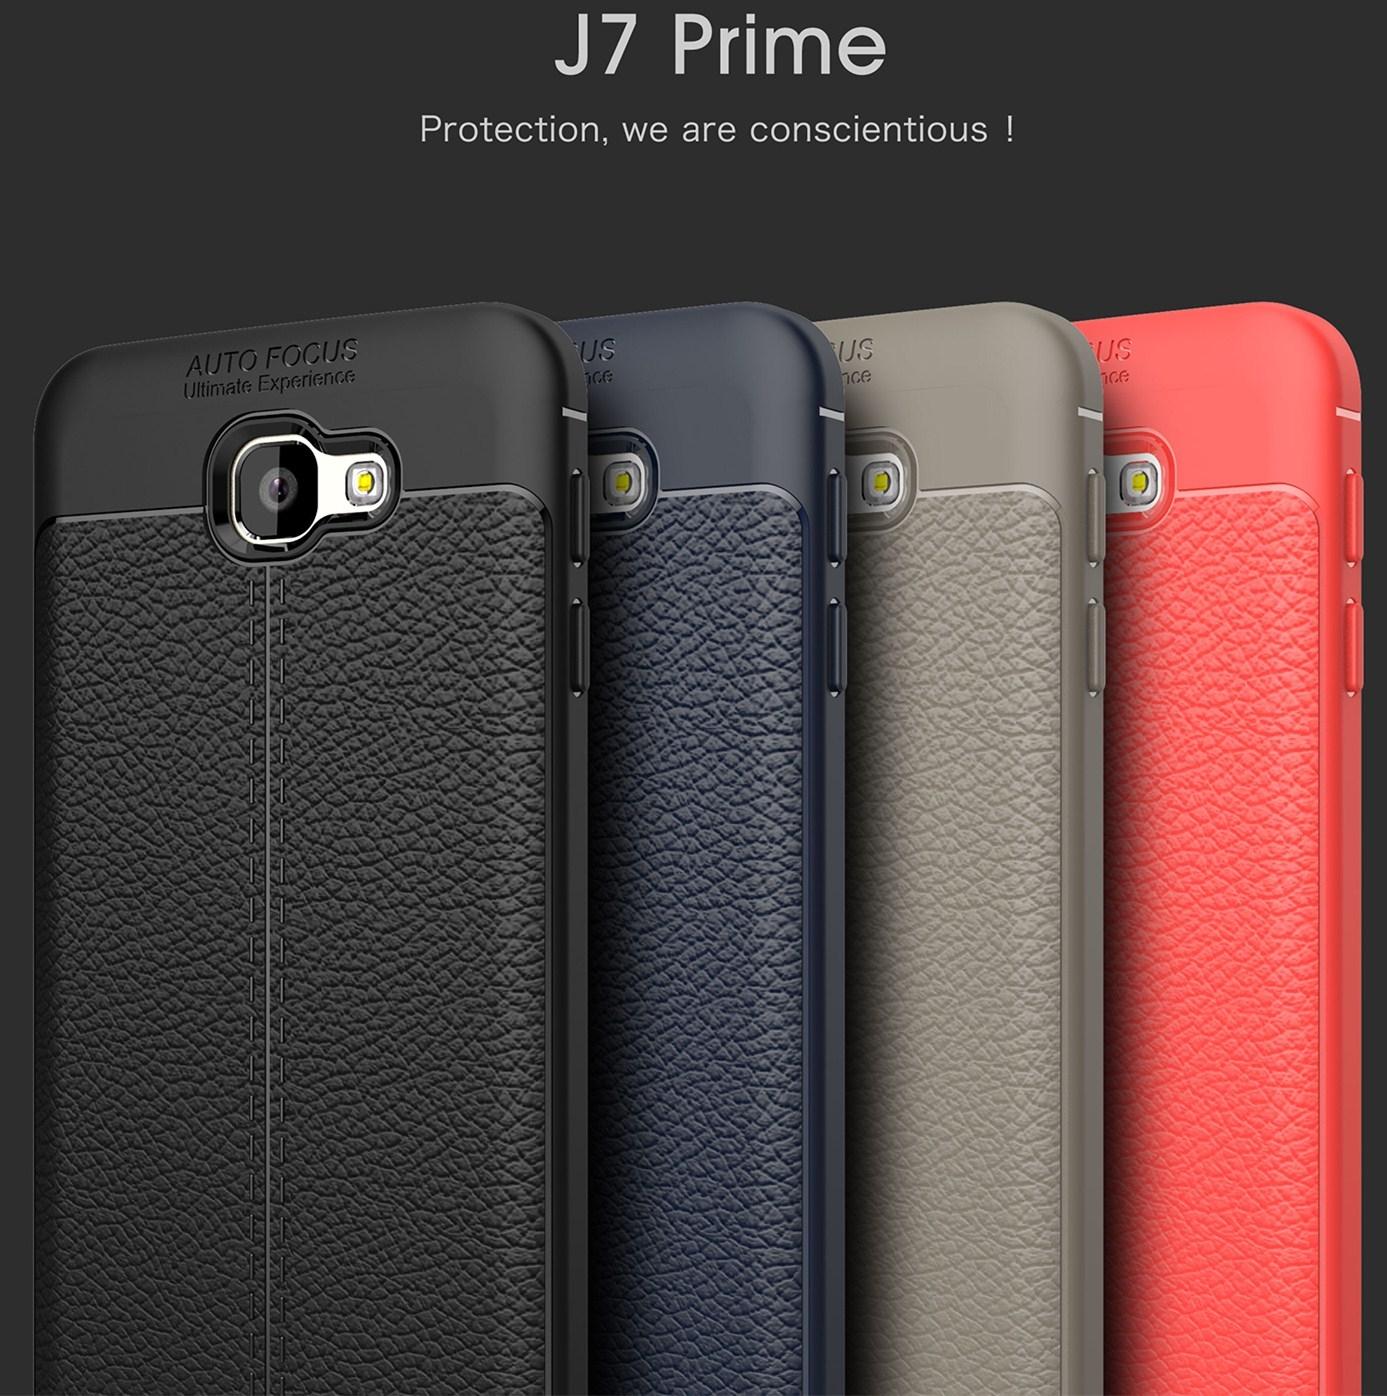 三星 J7 Prime J5 Prime 荔枝紋手機殼 全包防摔保護套 TPU軟殼皮紋手感 保護殼 手機套 J7P/G610 J5P